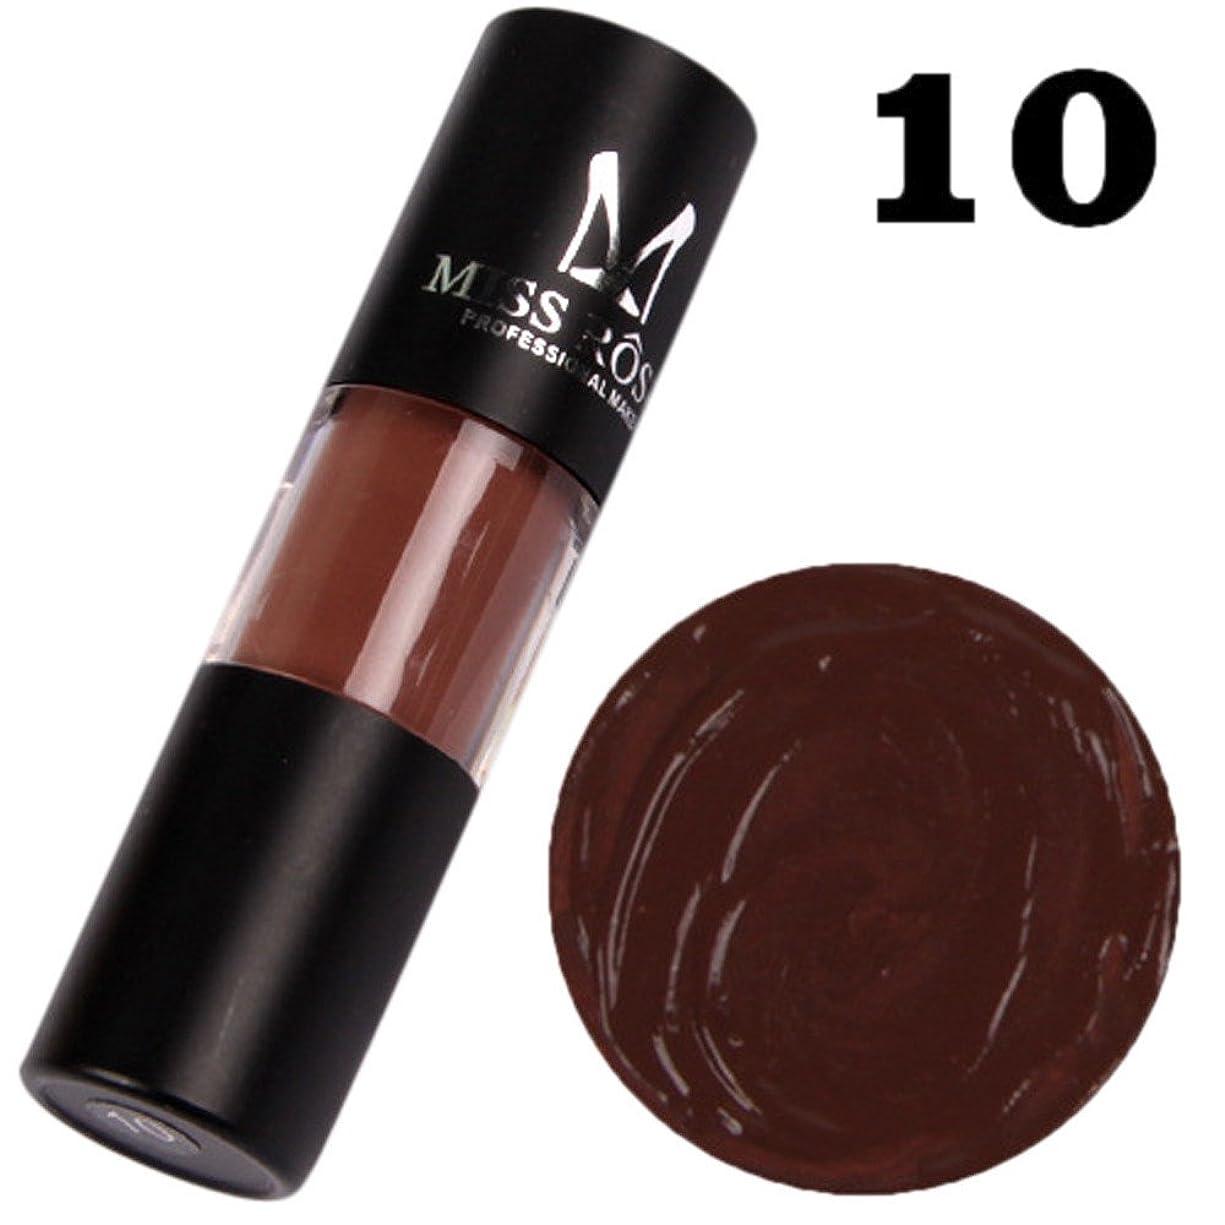 決してカートリッジバックアップ口紅 モイスチャライザー リキッド ベルベット リップスティック 化粧品 美容 リップクリーム 若い メイク リップバーム 液体 唇に塗っっていつもよりセクシー魅力を与えるルージュhuajuan